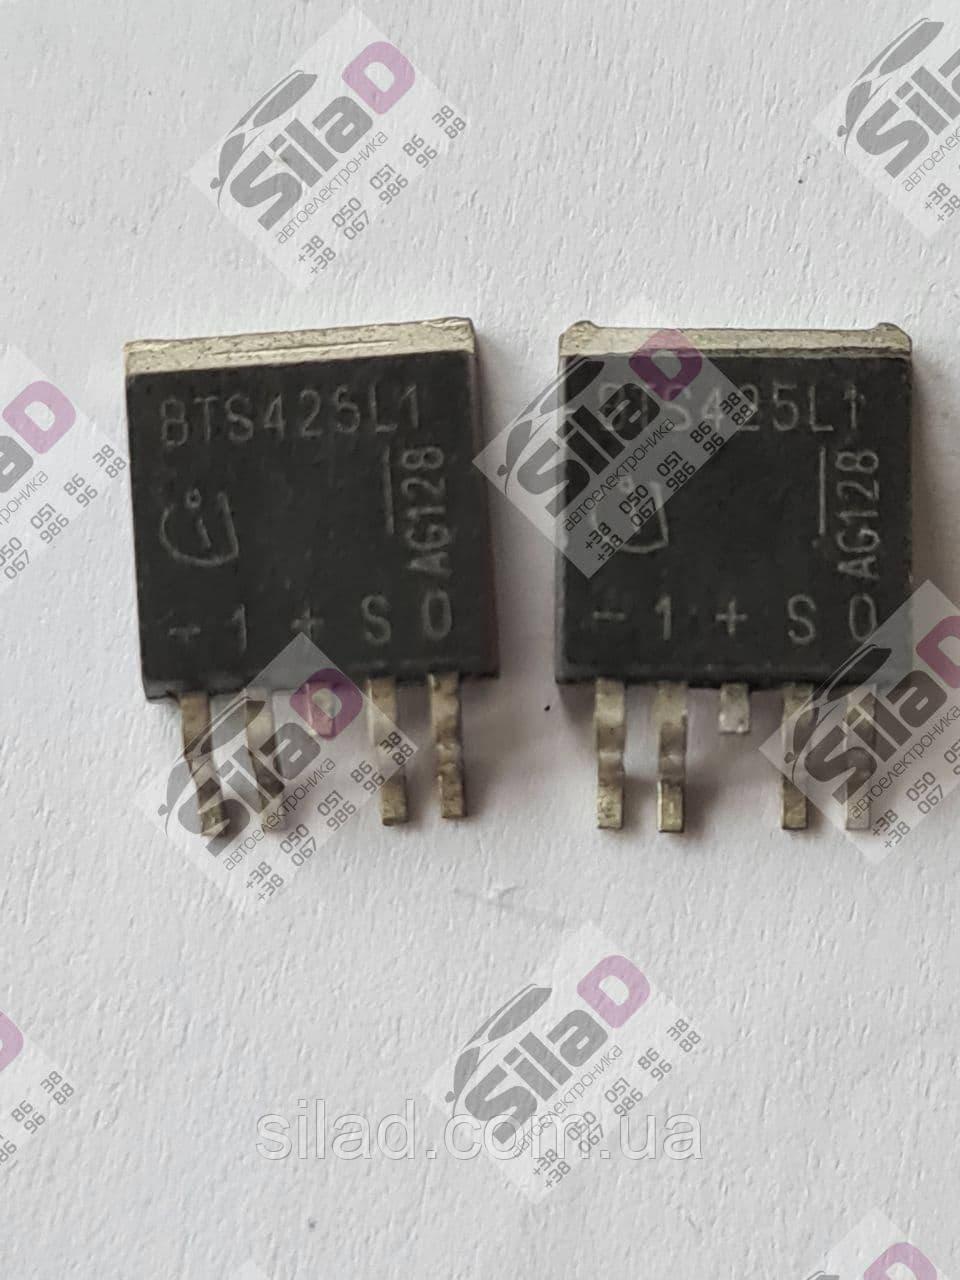 Микросхема BTS425L1 Infineon корпус TO-263-5